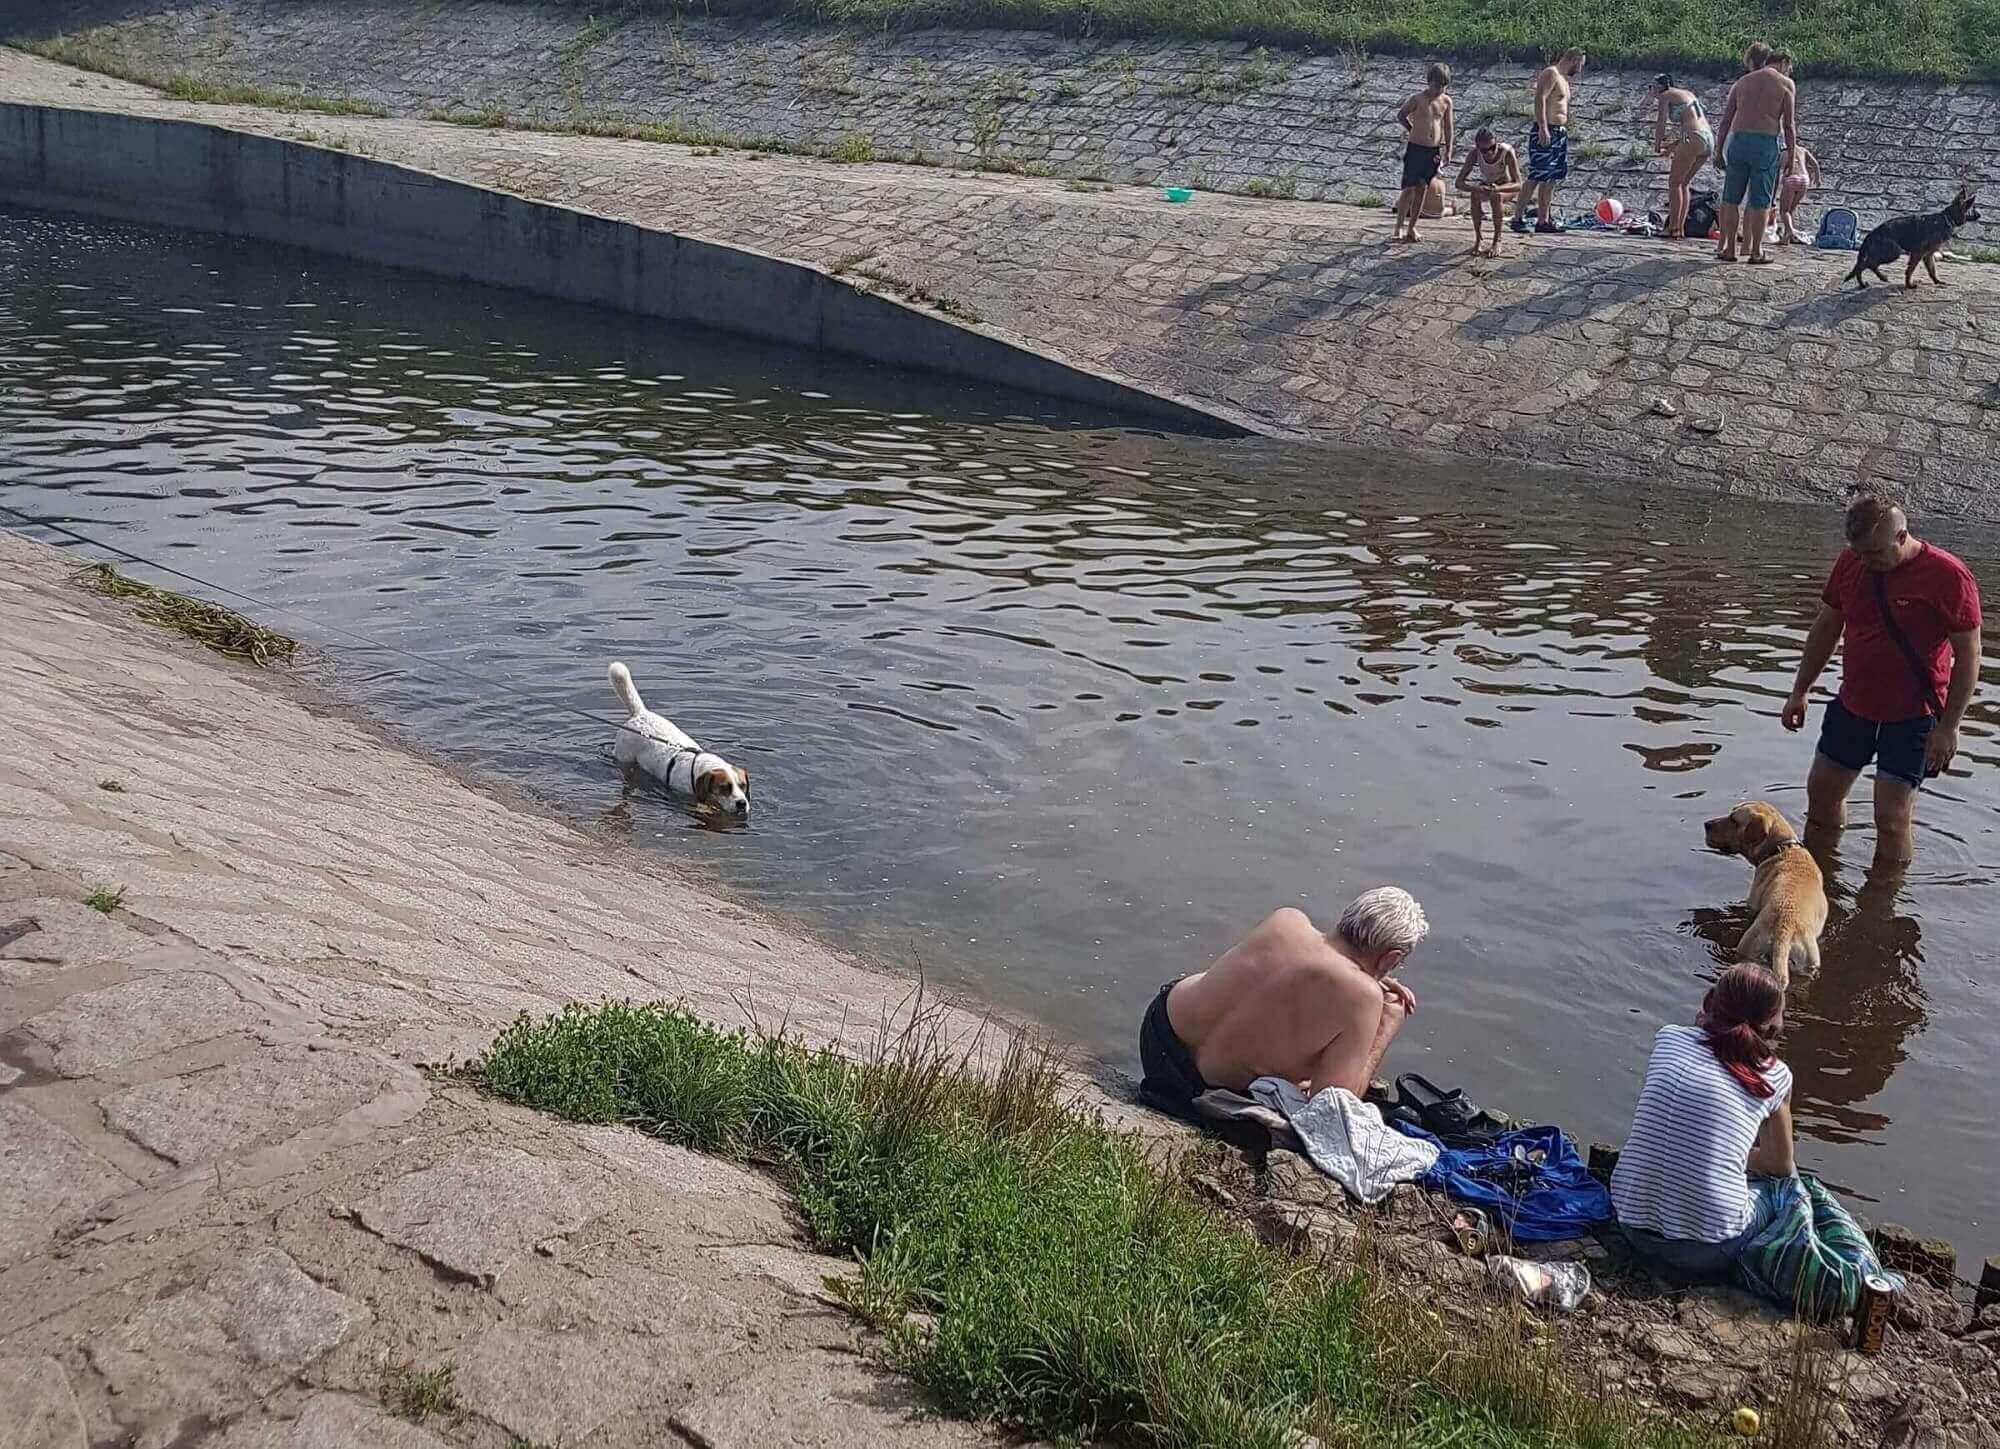 najfajniejsze miejsca we wrocławiu: rzeka